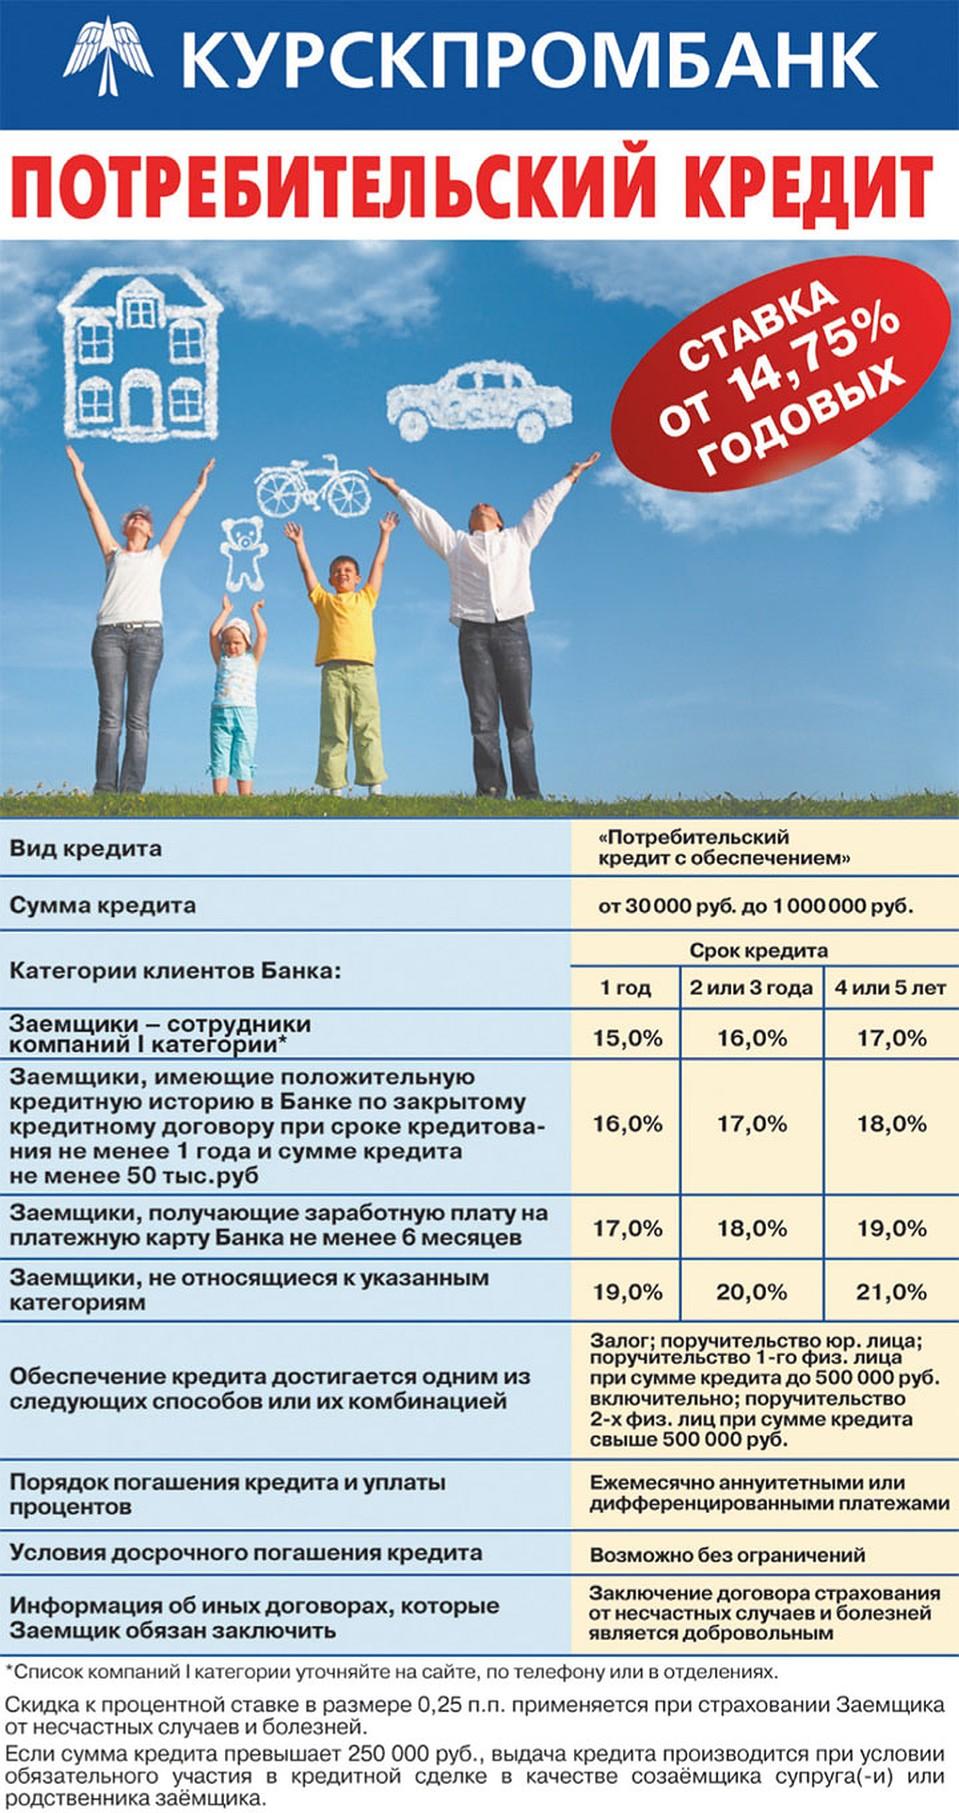 процентные ставки потребительского кредита в курске